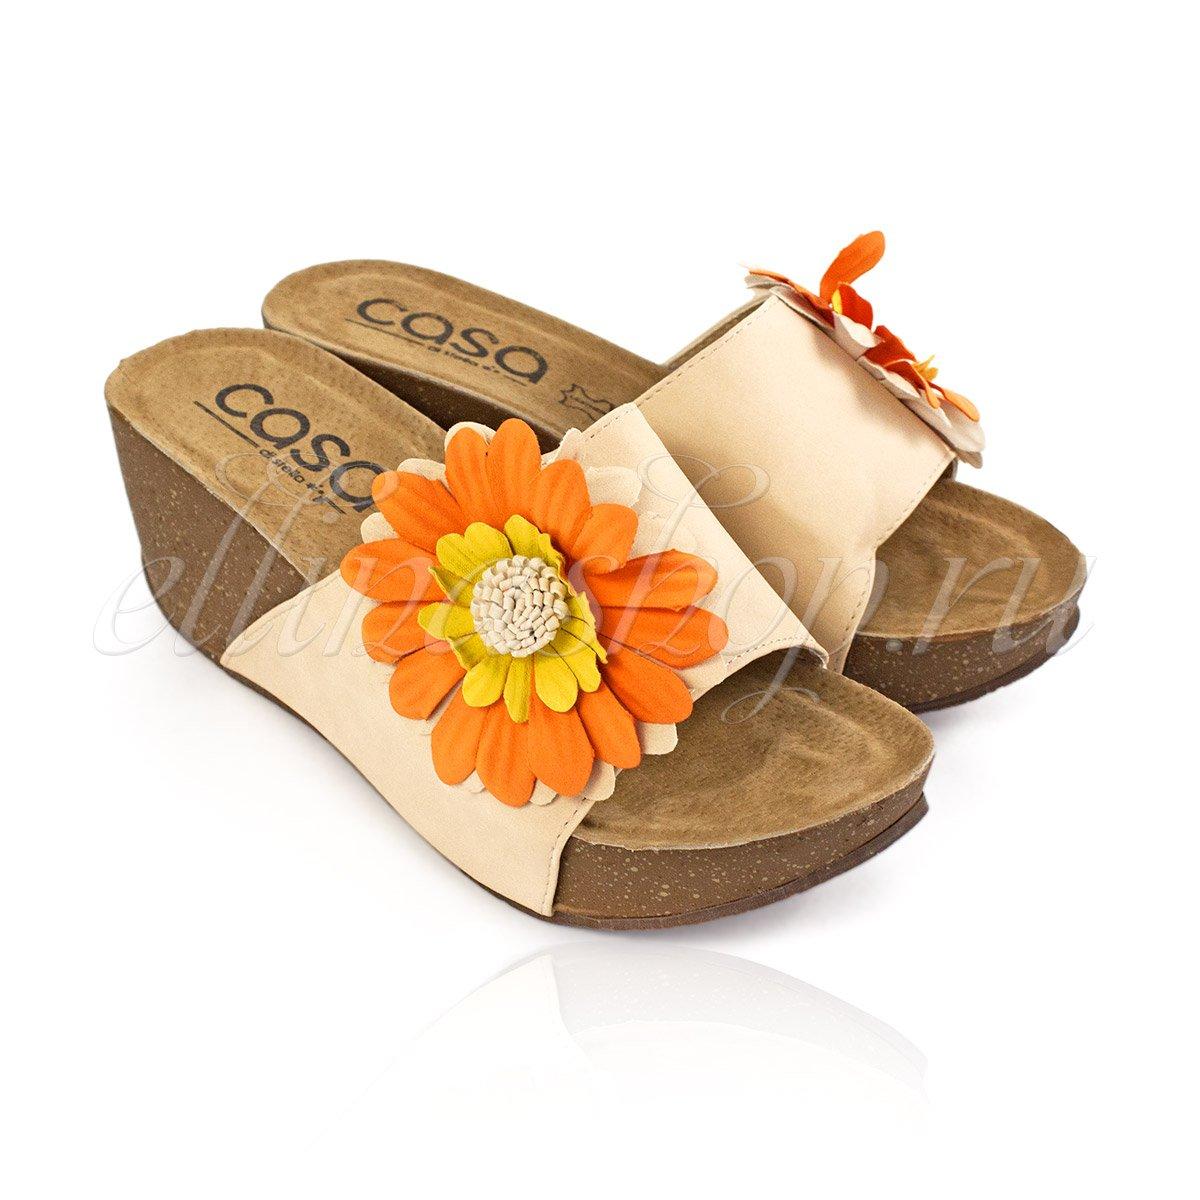 Yella крем. - пляжная открытая обувь Casa di stella